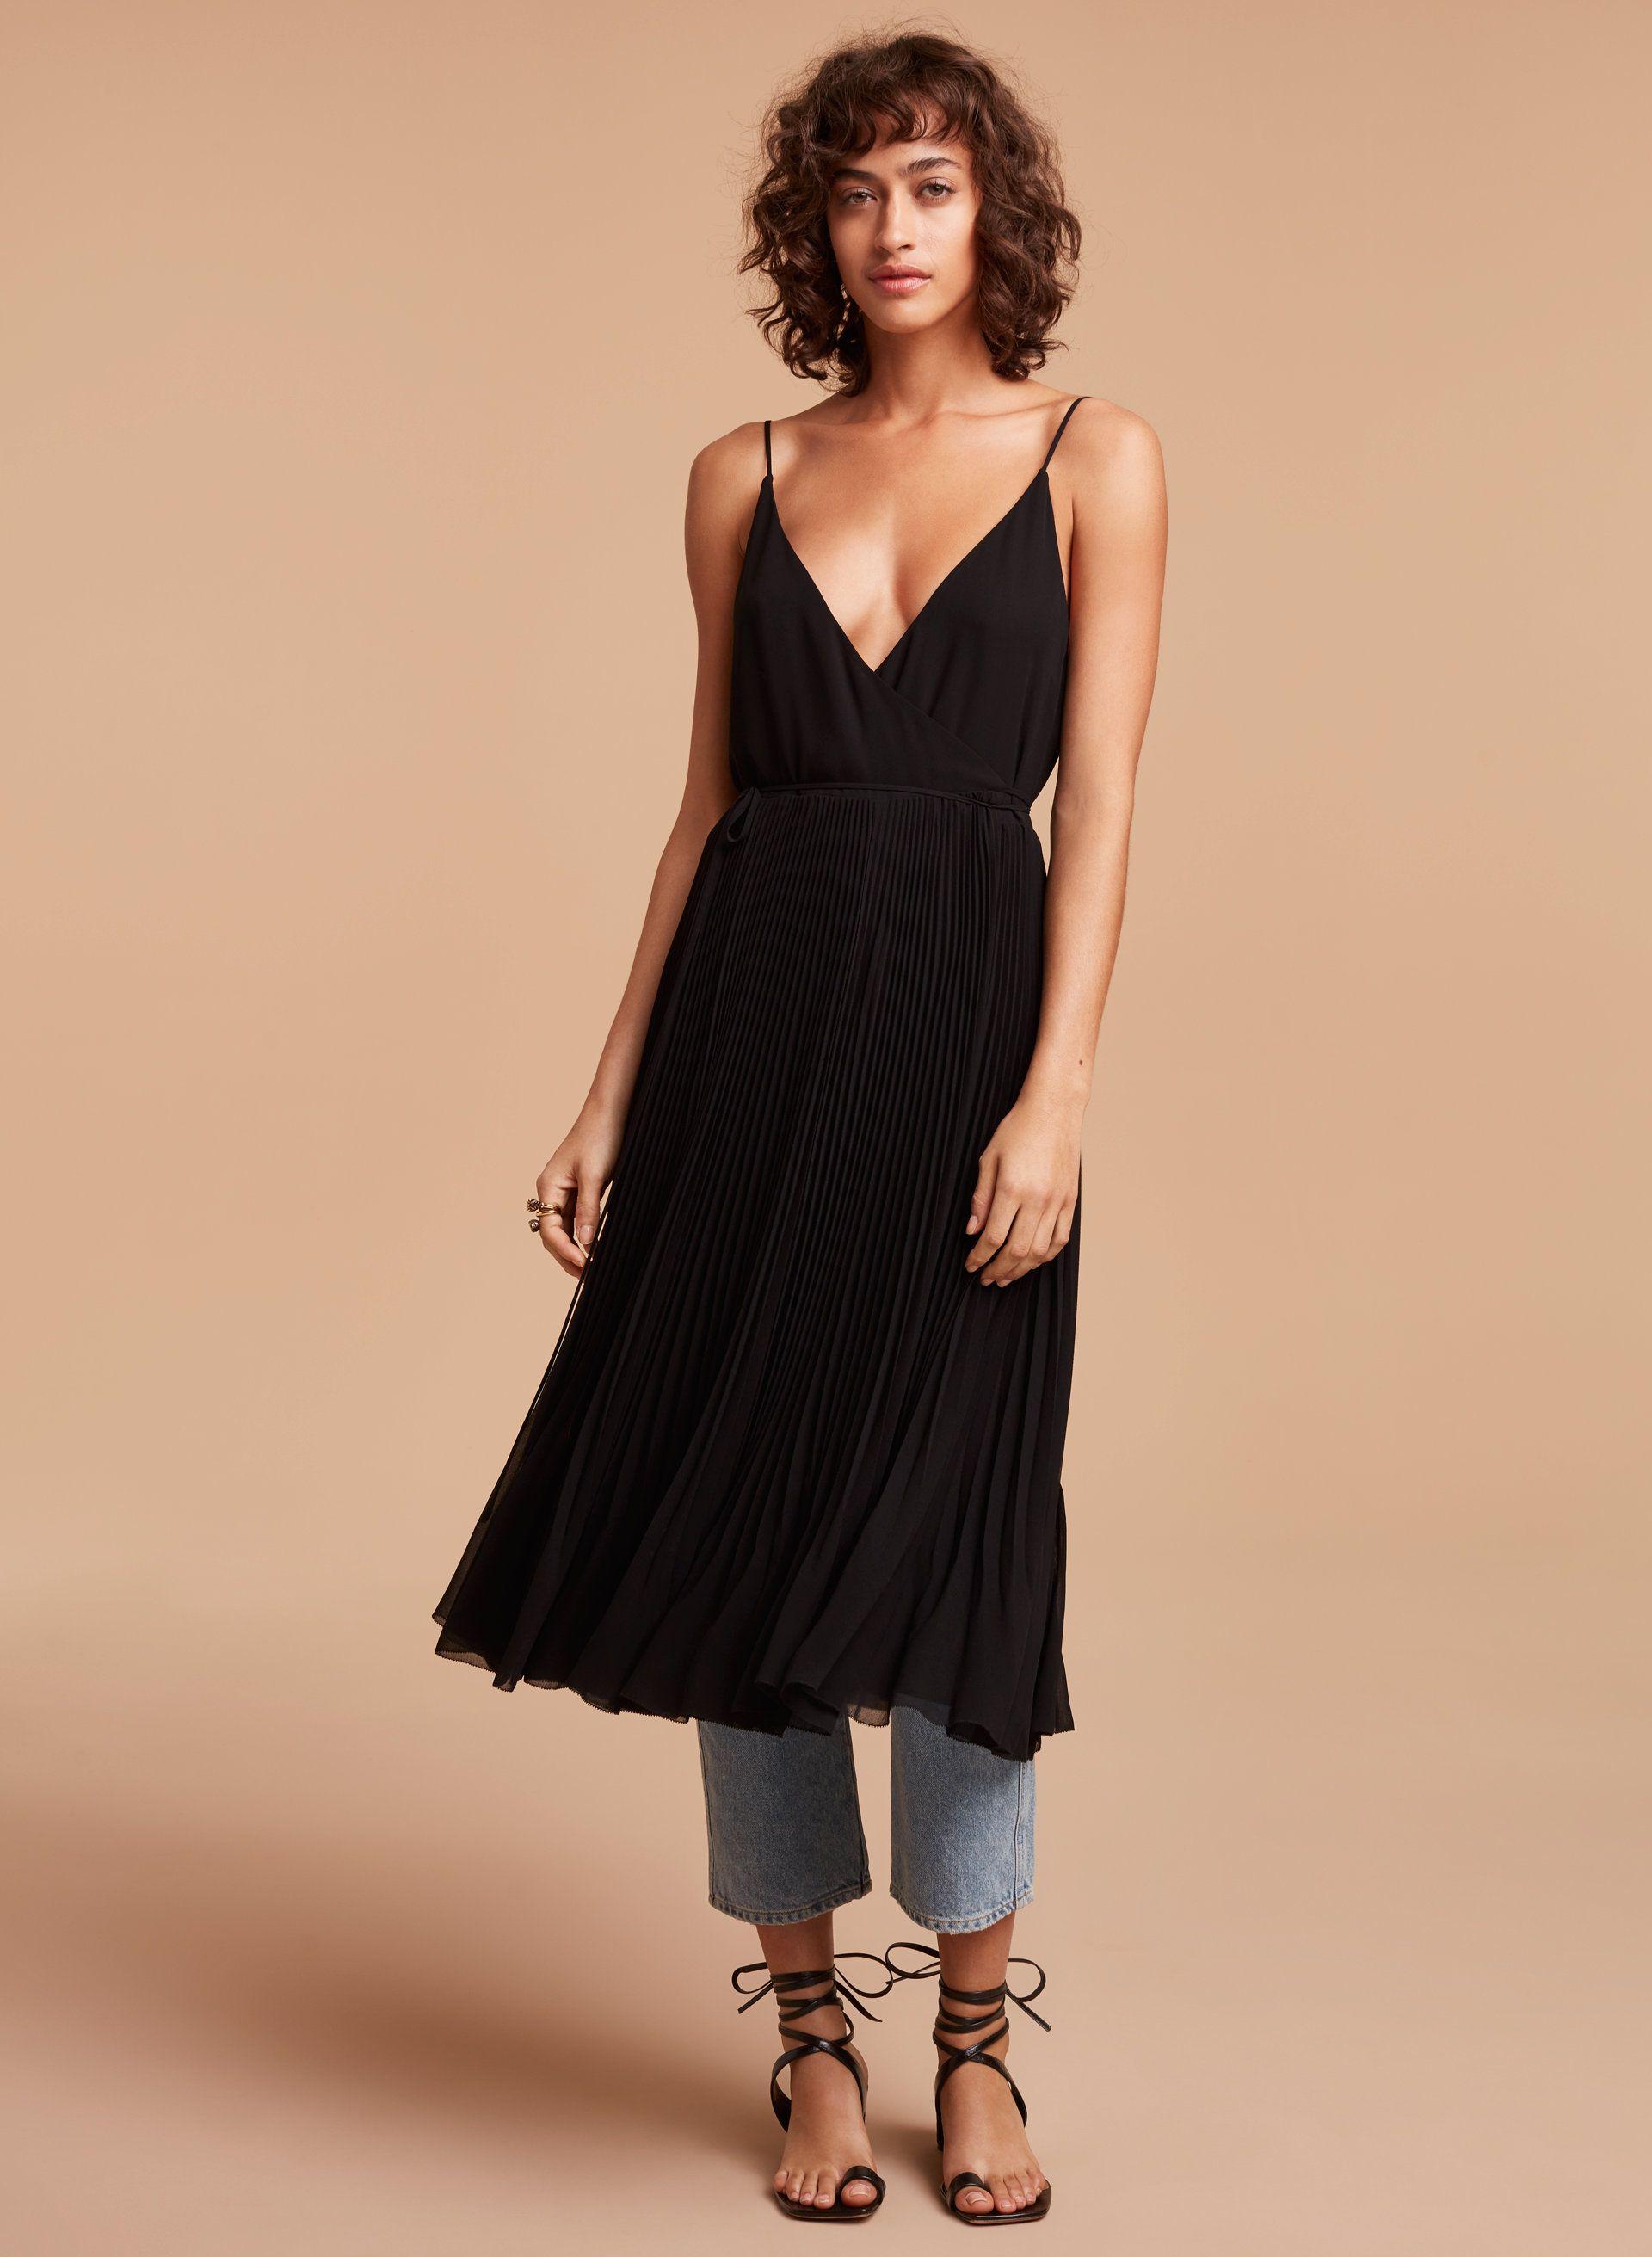 5b87250c6d Beaune dress